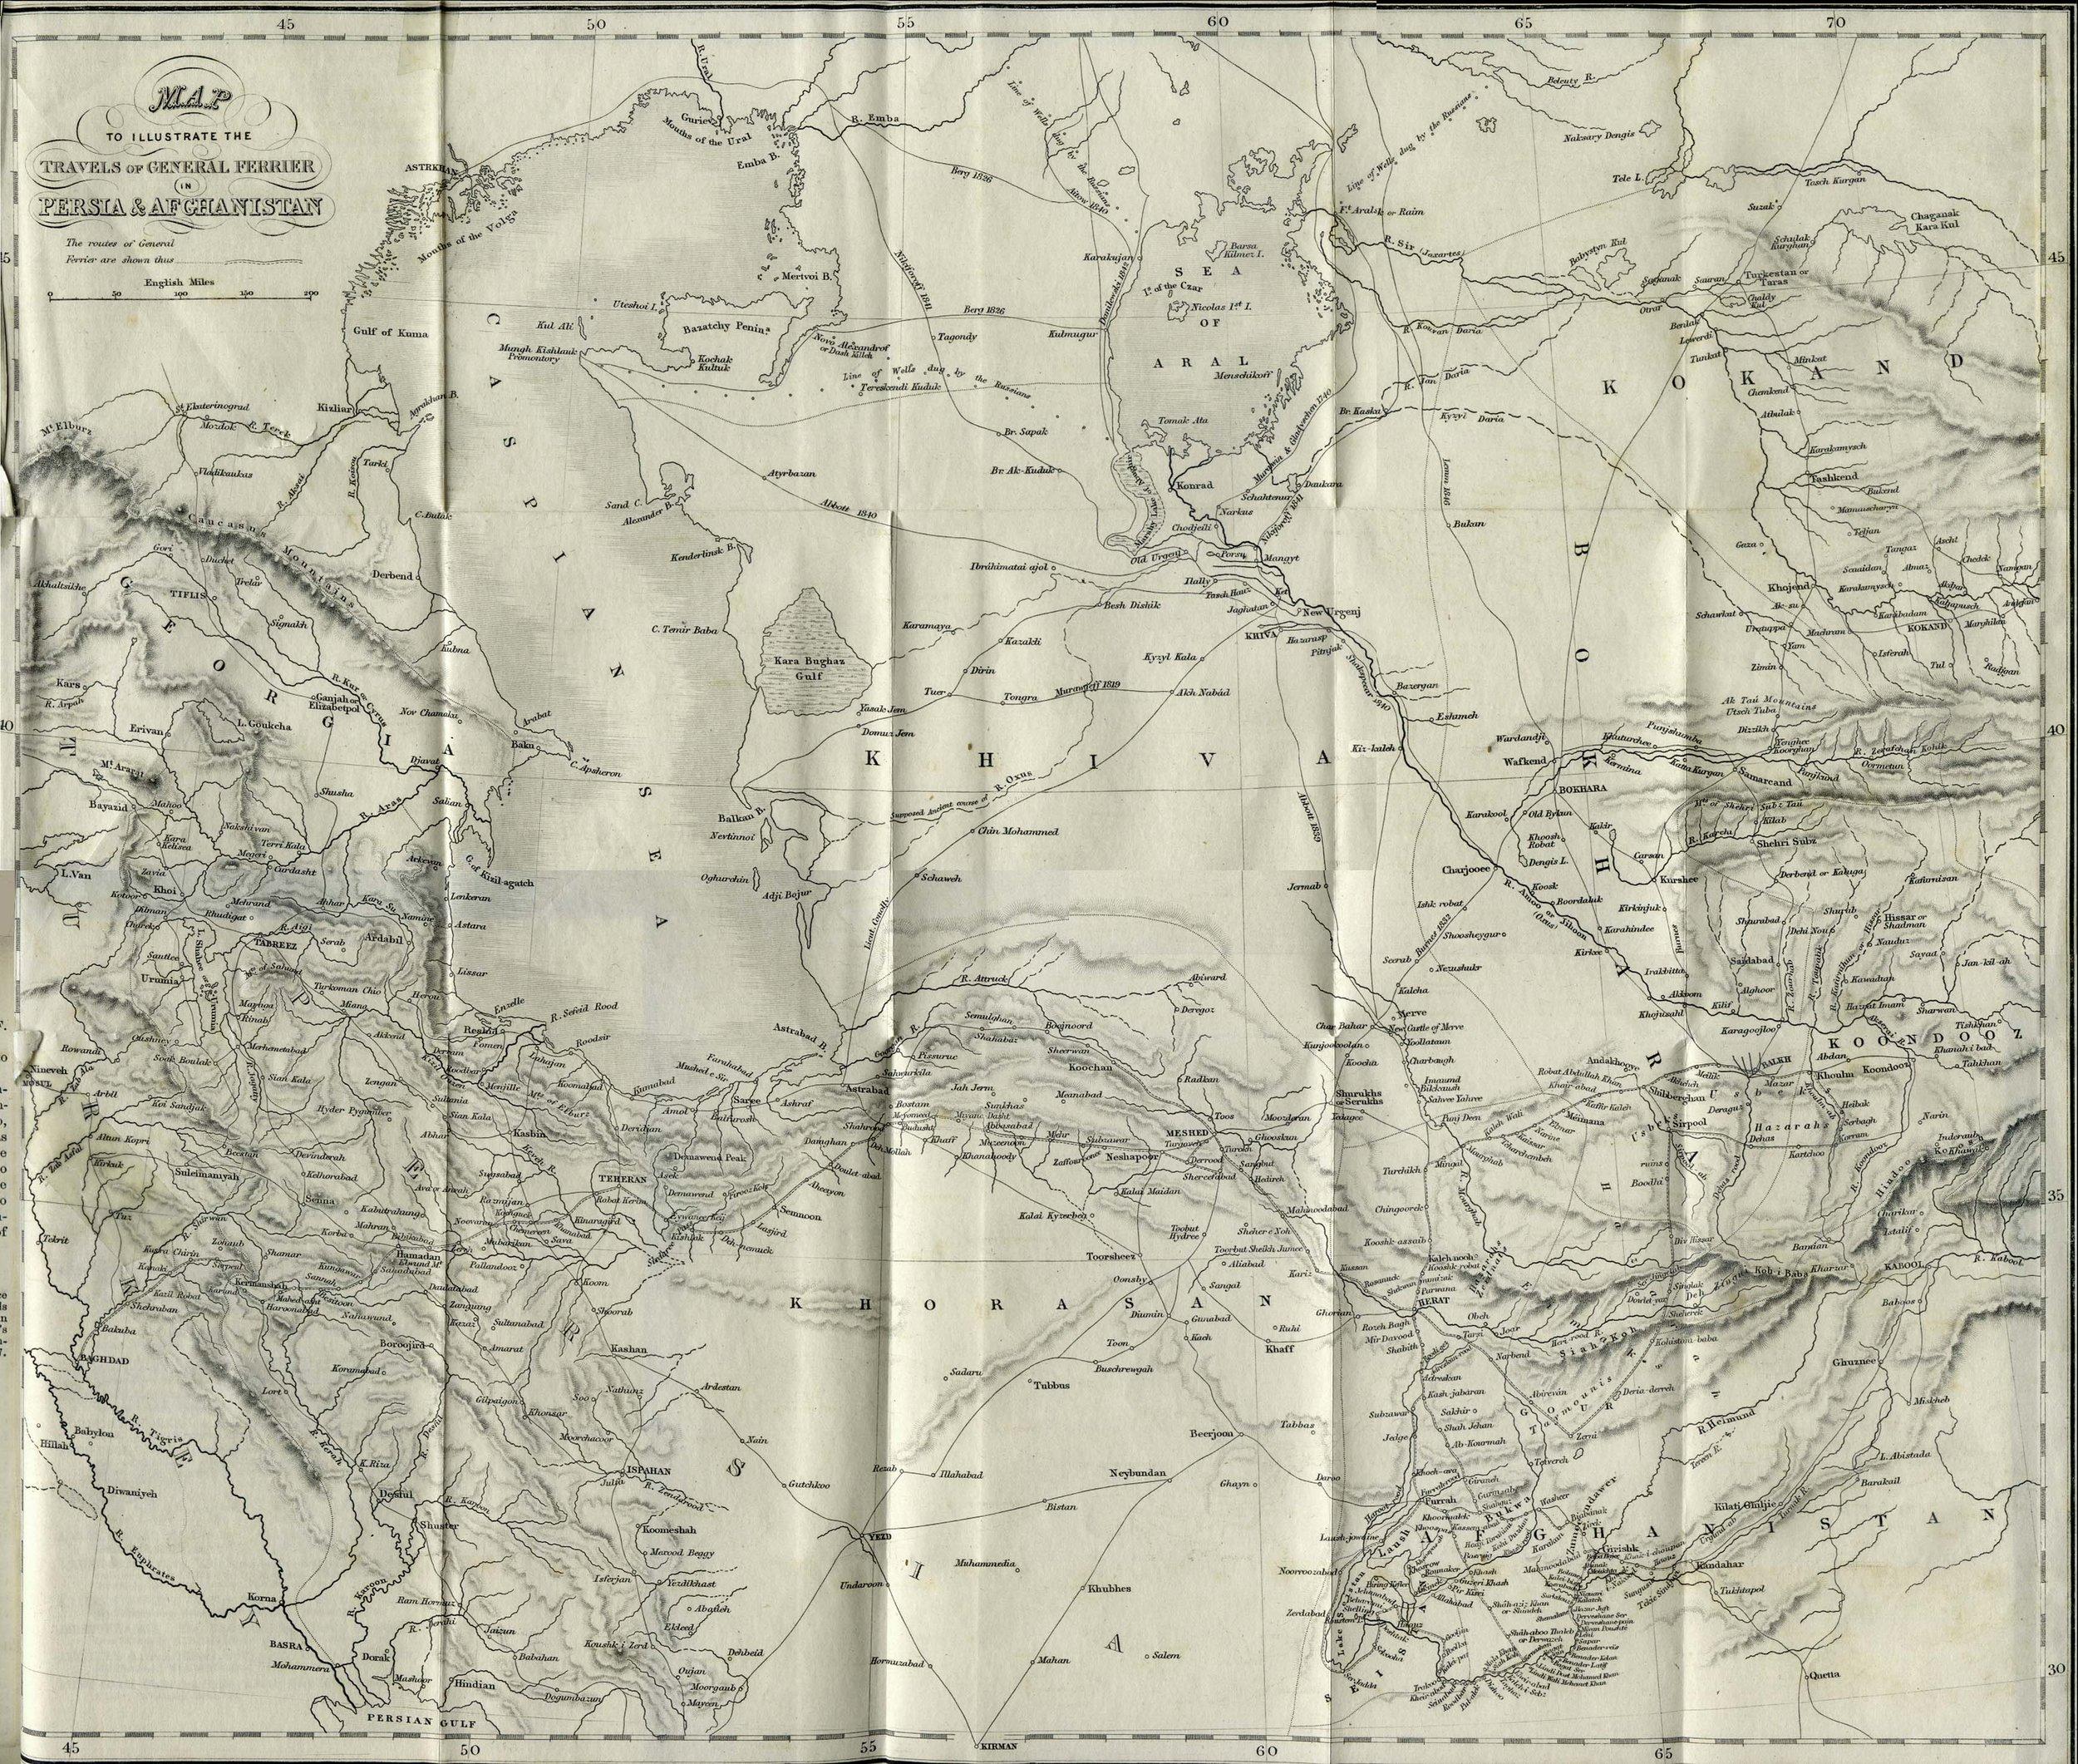 persia_afghanistan_1856.jpg